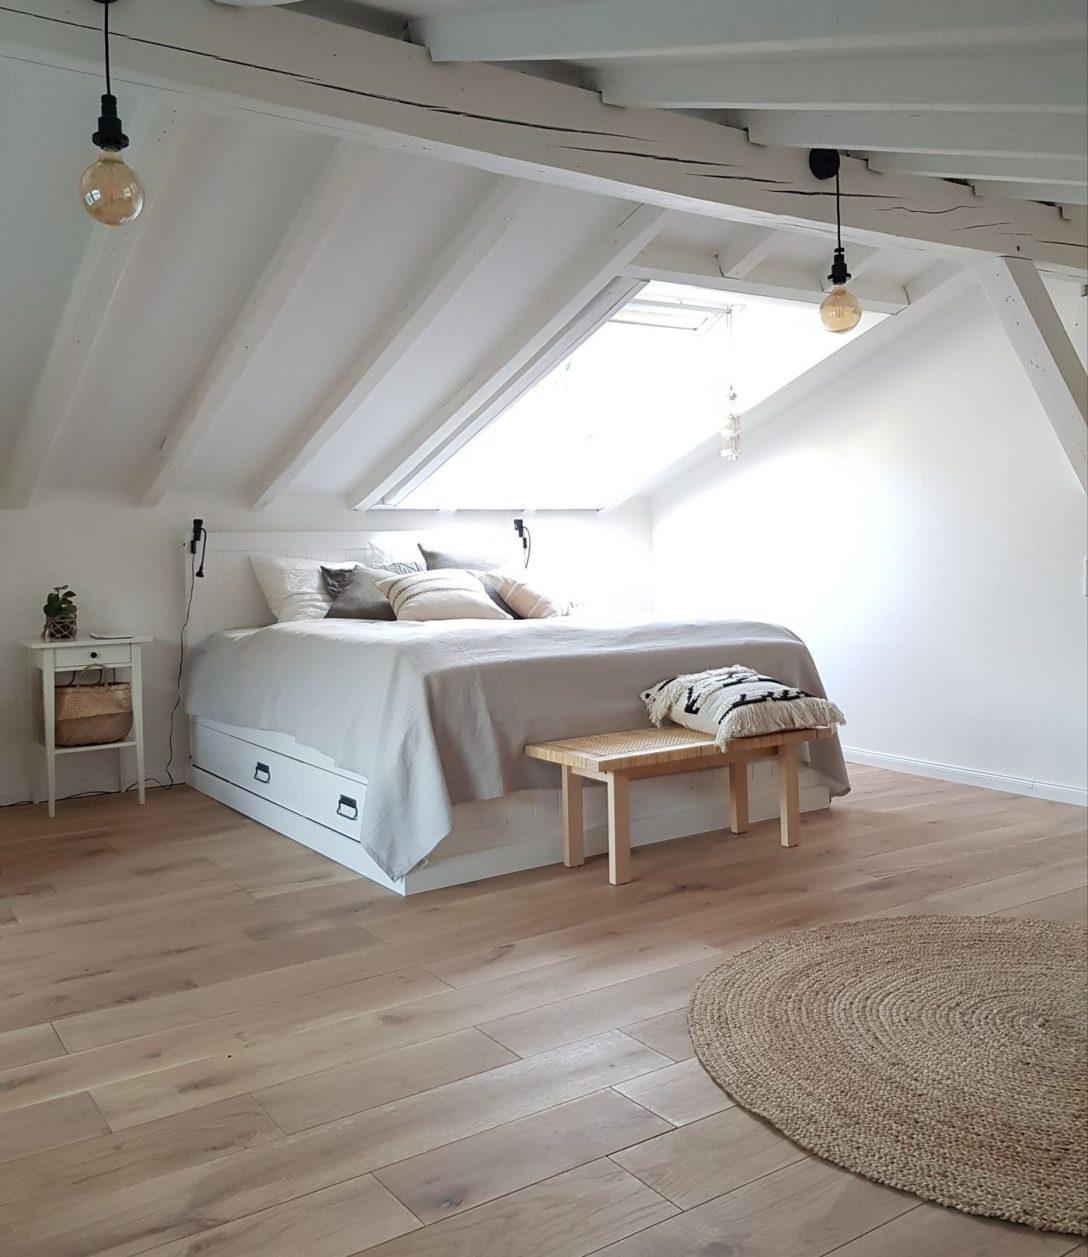 Large Size of Weißes Schlafzimmer Komplette Günstig Rauch Vorhänge Kommode Stuhl Für Lampe Wandlampe Sessel Teppich Massivholz Komplett Stehlampe Wandtattoos Günstige Schlafzimmer Weißes Schlafzimmer